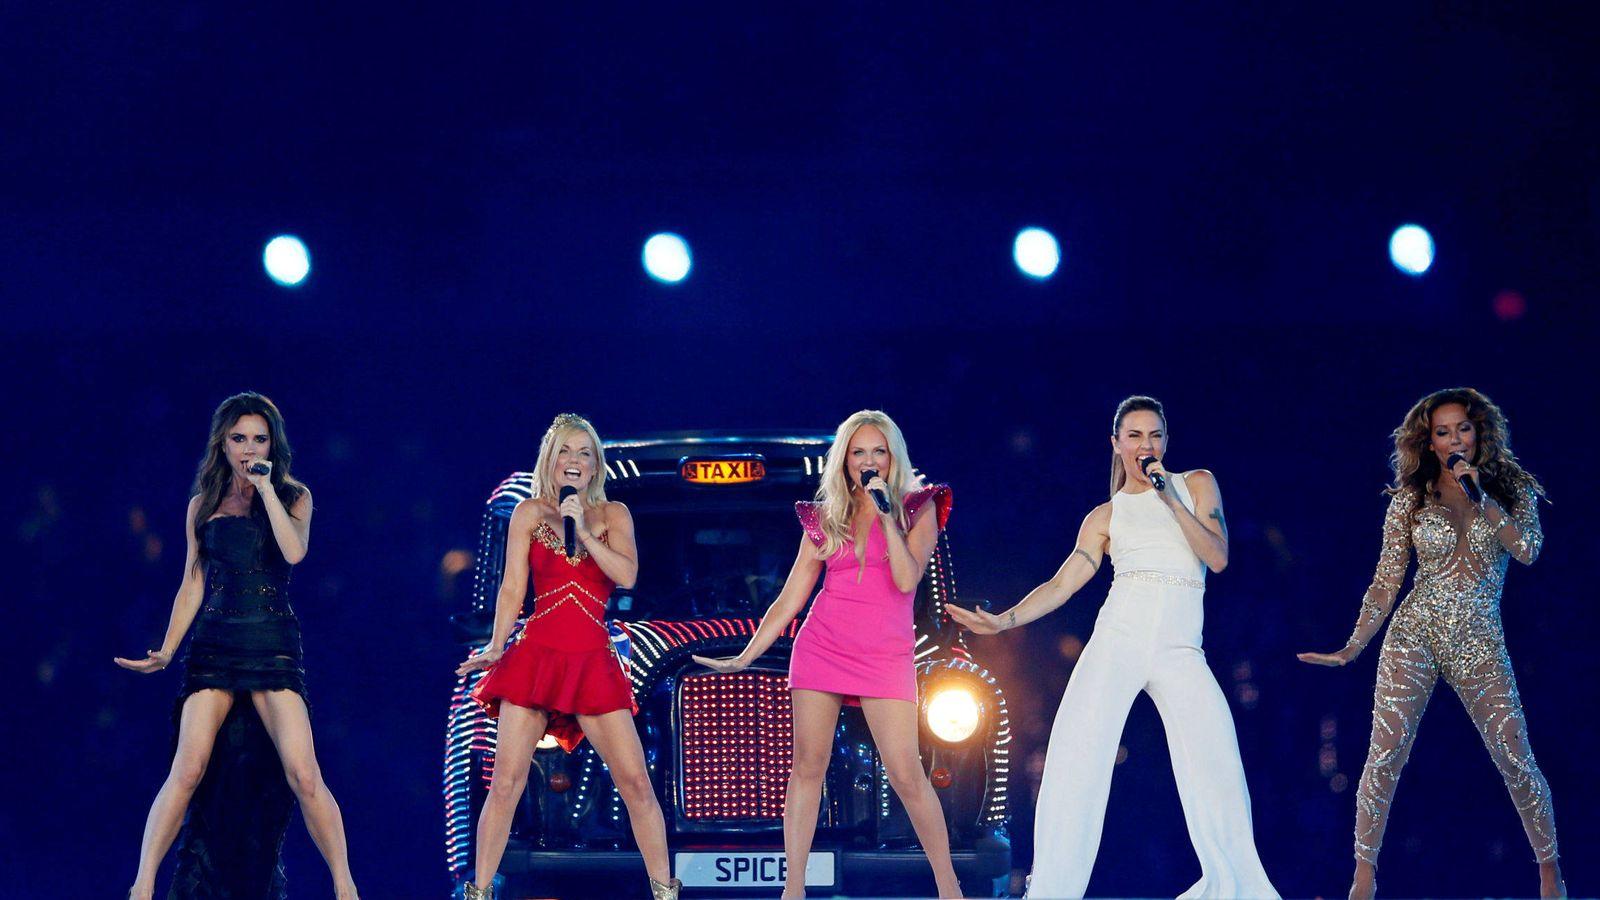 Foto: Una exposición, un concierto... ¿Alguna vez las Spice Girls se fueron para siempre? (Reuters)